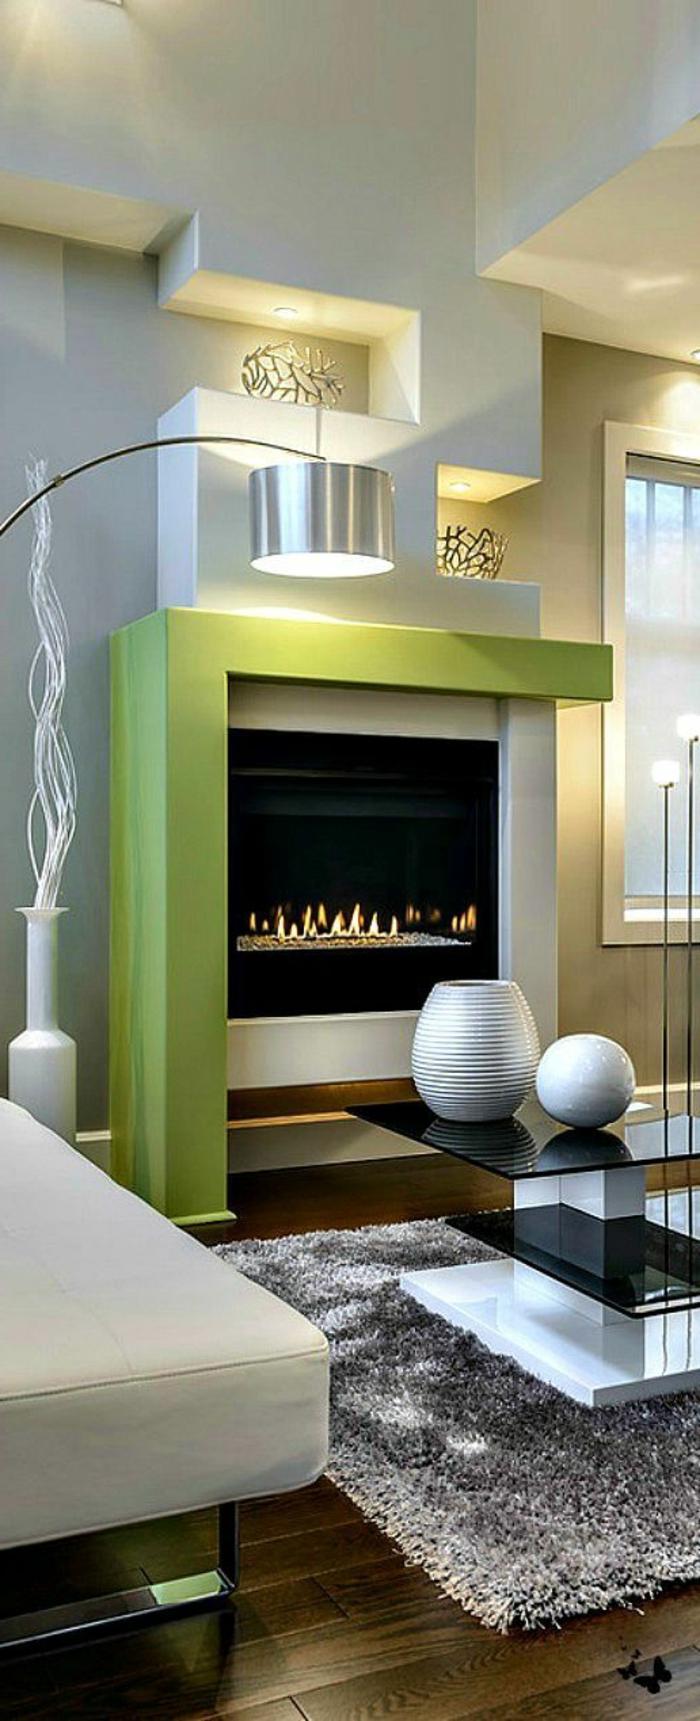 wohnzimmer kamin design:Kaminofen bringt Gemütlichkeit und Stil in Ihr Zuhause